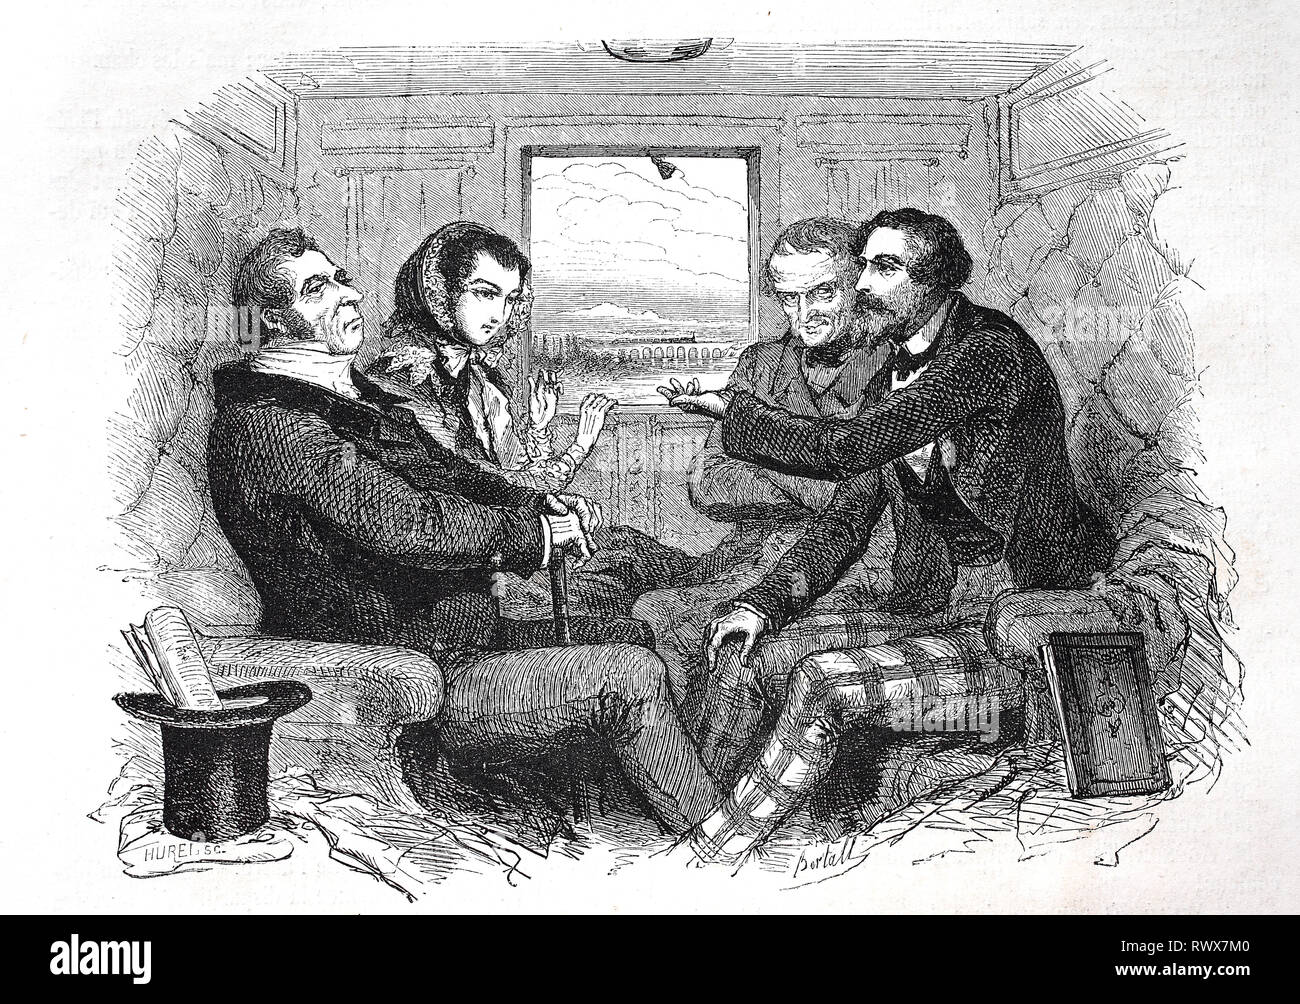 Unterhaltung in einem Eisenbahnwagon / loisirs dans une voiture de chemin de fer Banque D'Images